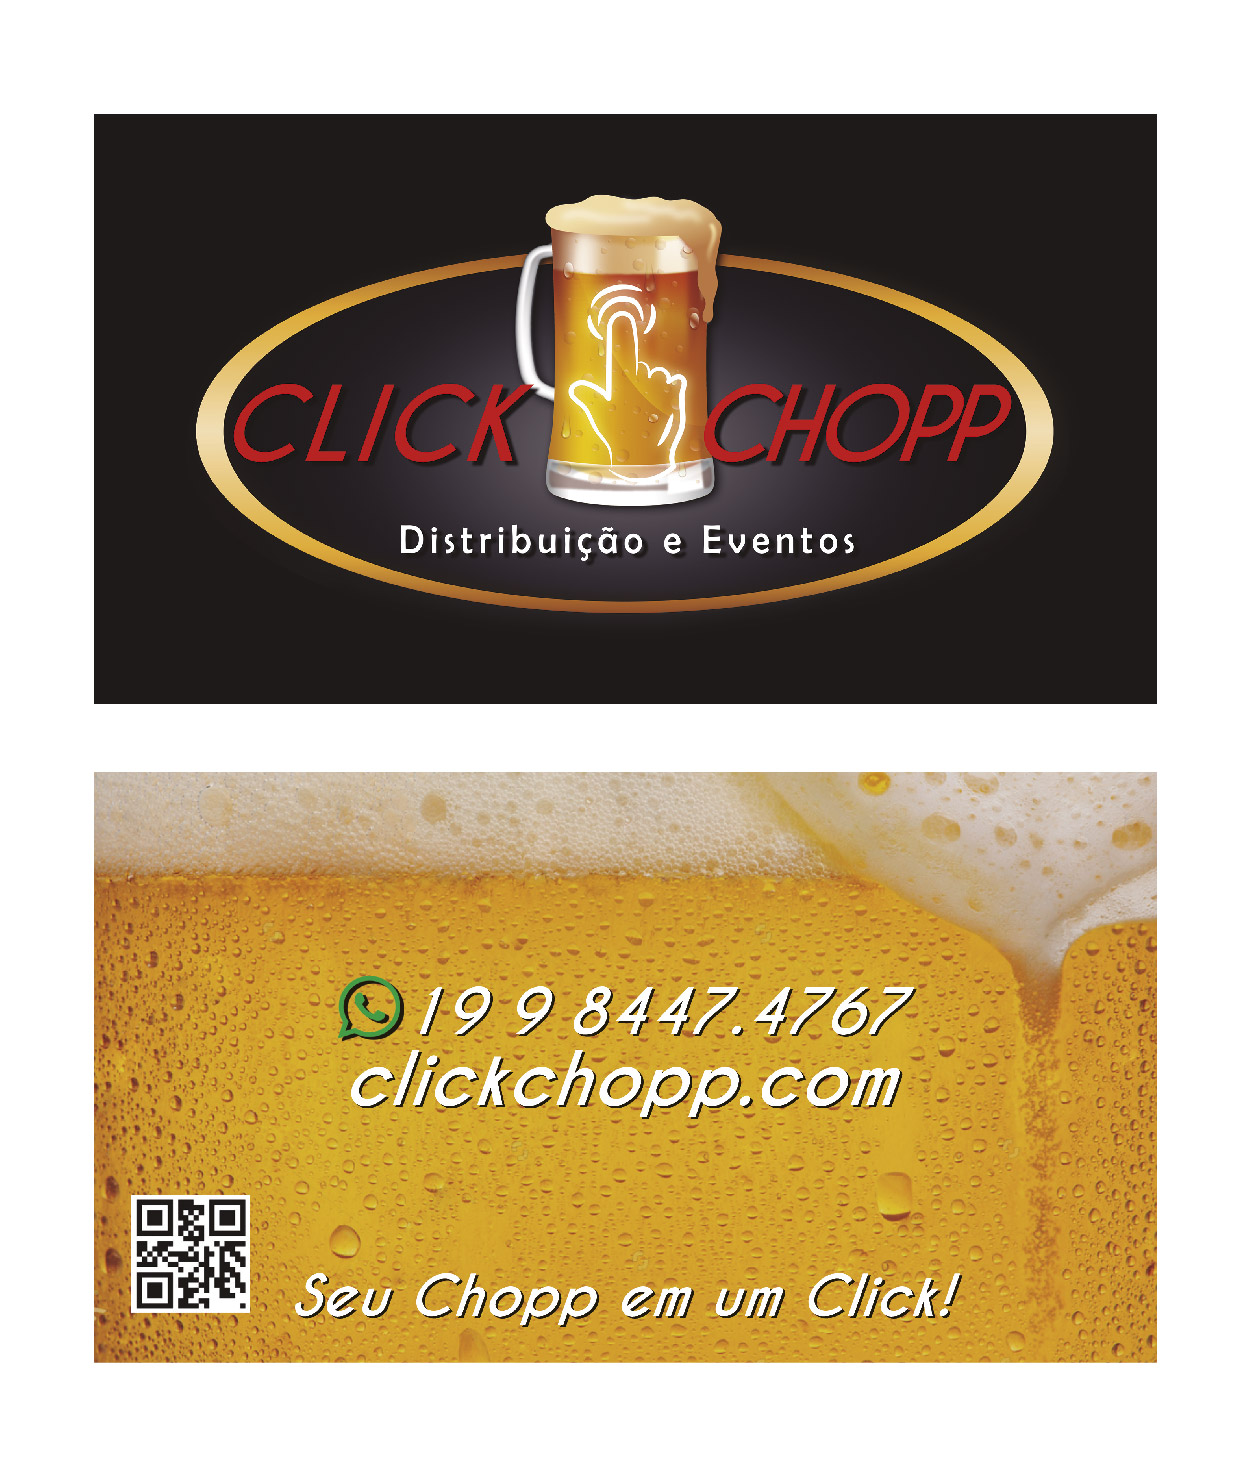 Clik Beer CARTÃO-01